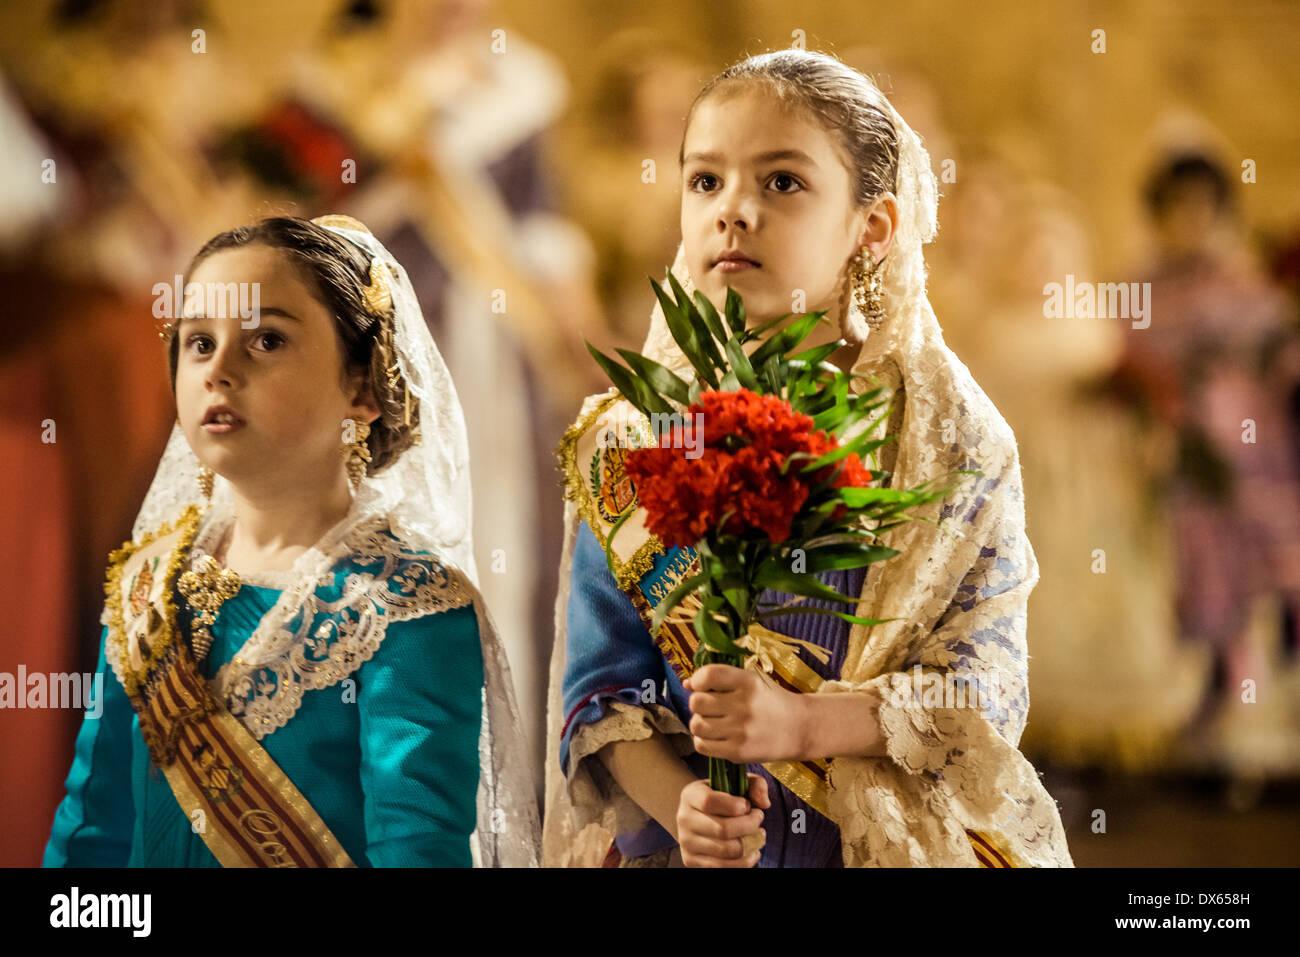 Valence, Espagne. 18 mars 2014: Un peu Fallera enfin offre son bouquet à la Vierge et à être Photo Stock